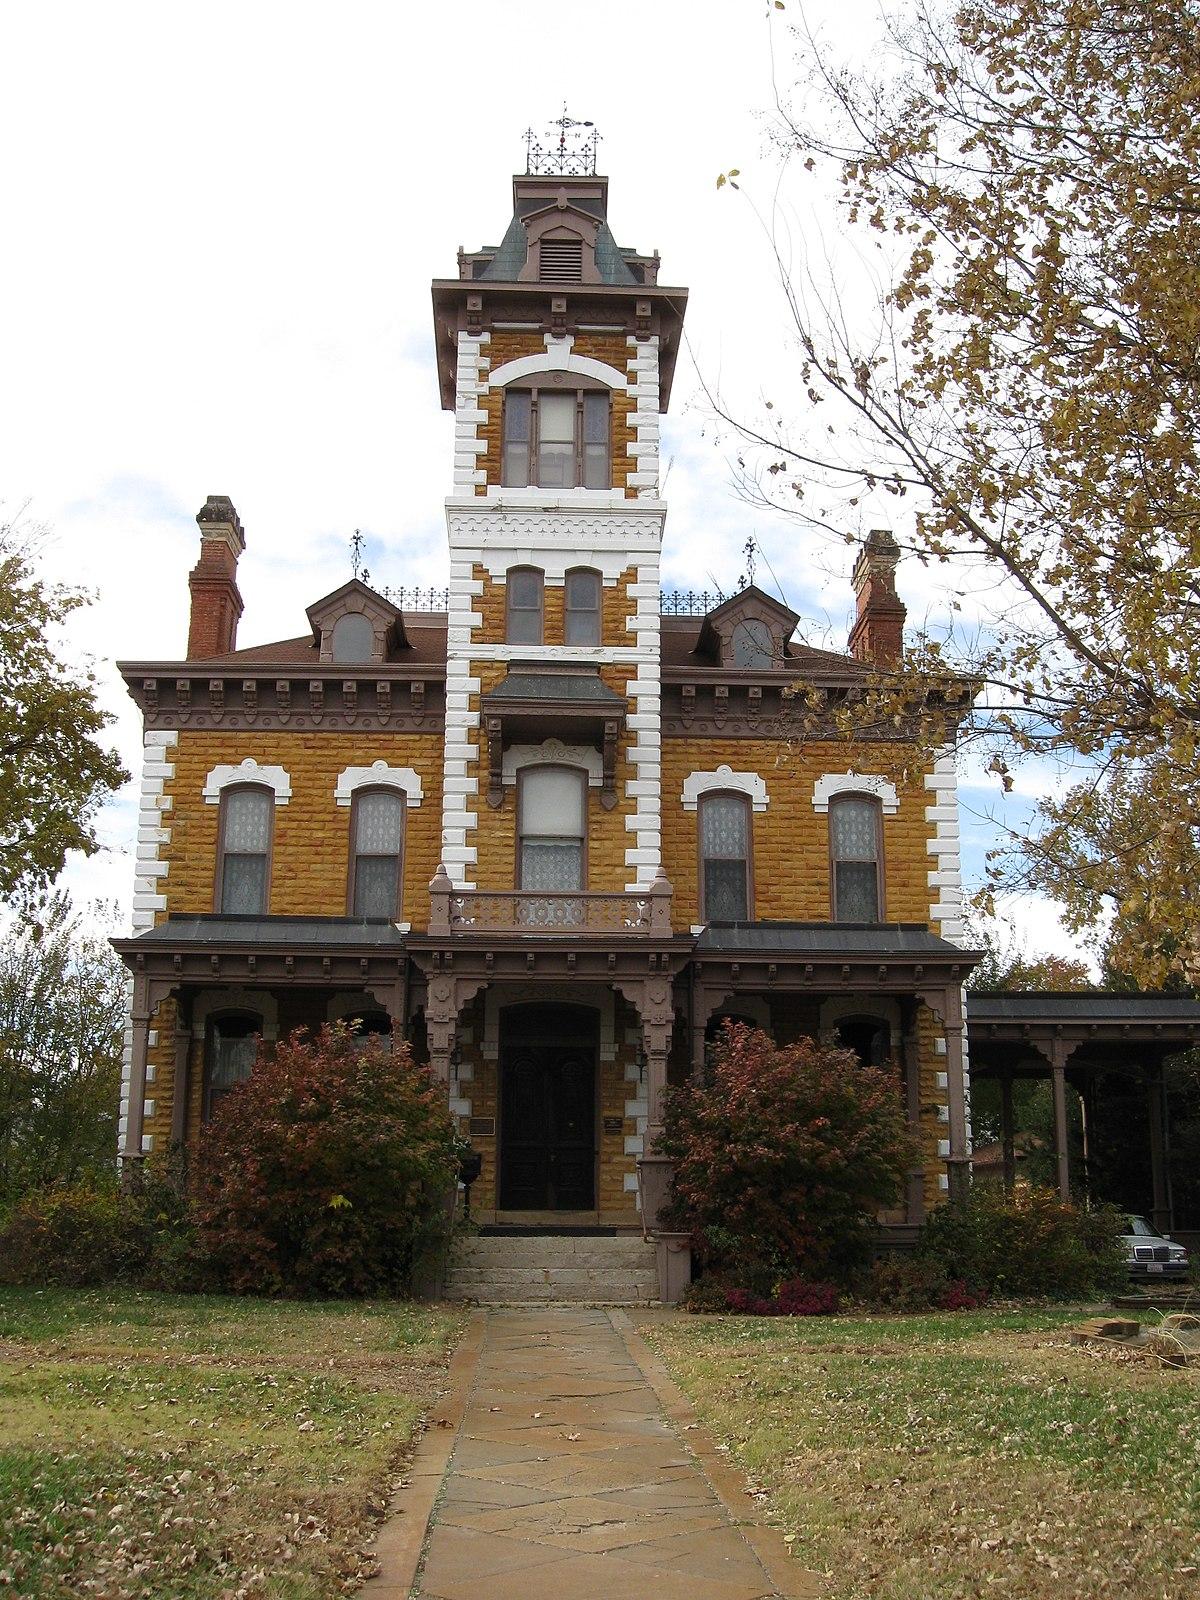 Lebold Mansion Wikipedia